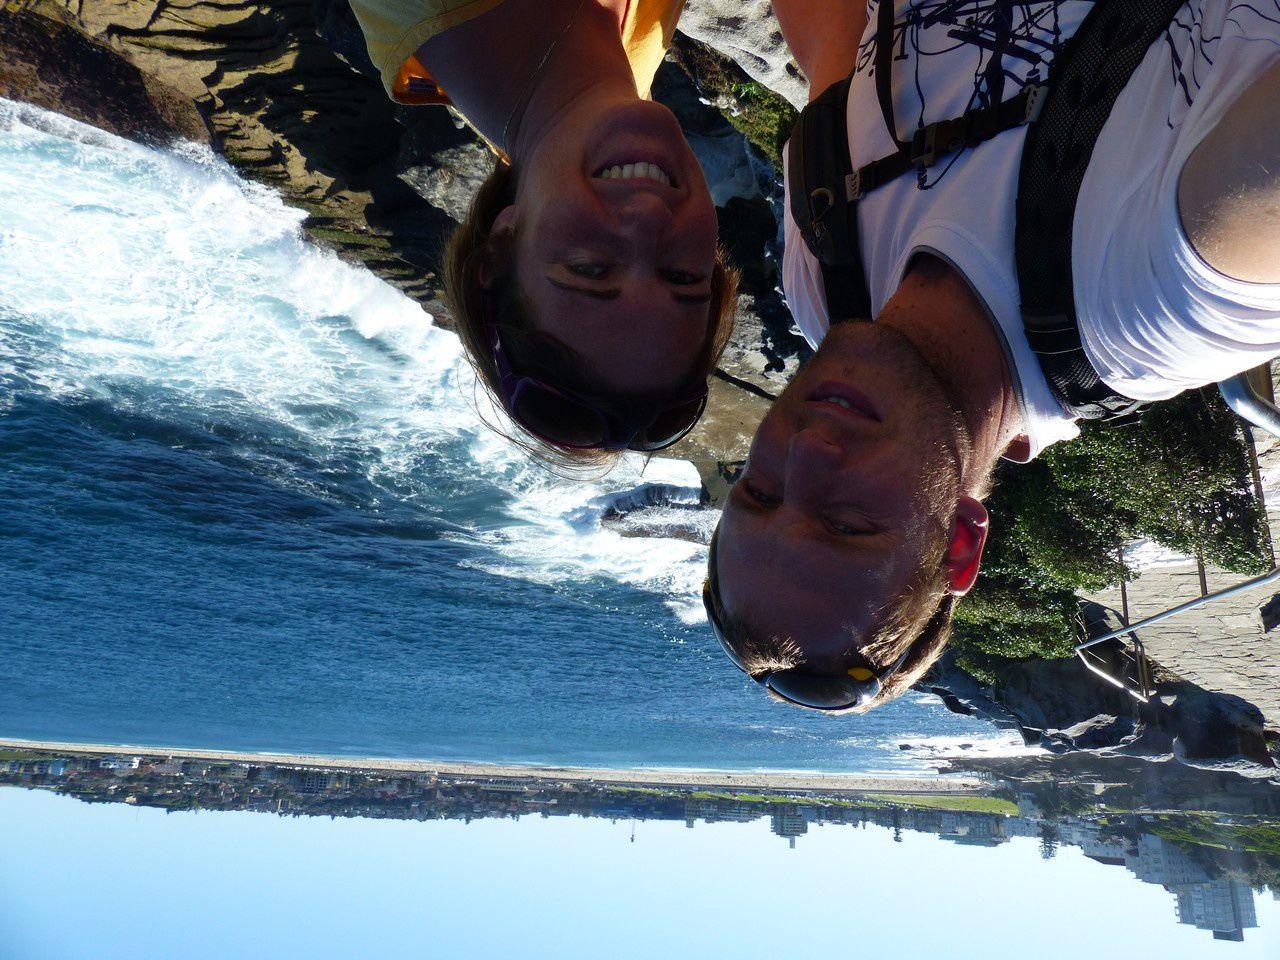 De Agnes Water à Sydney : du surf, du 4x4 et du fun !!!